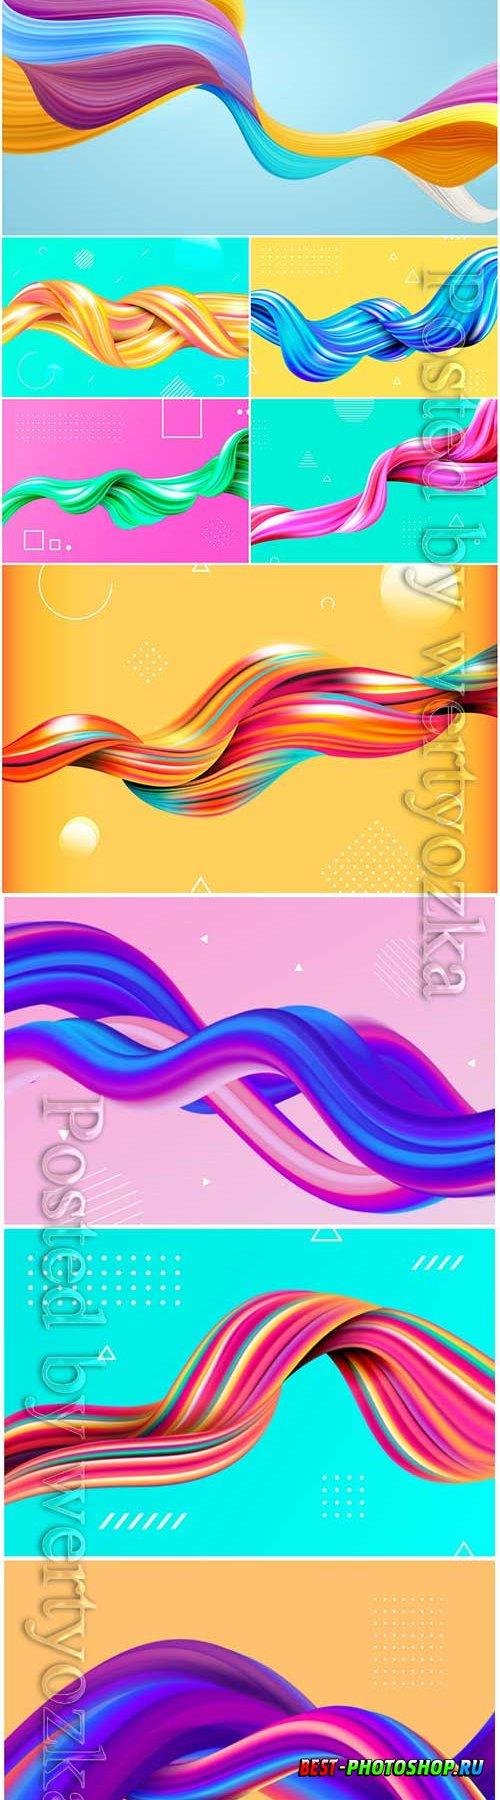 Color flow background vector illustration